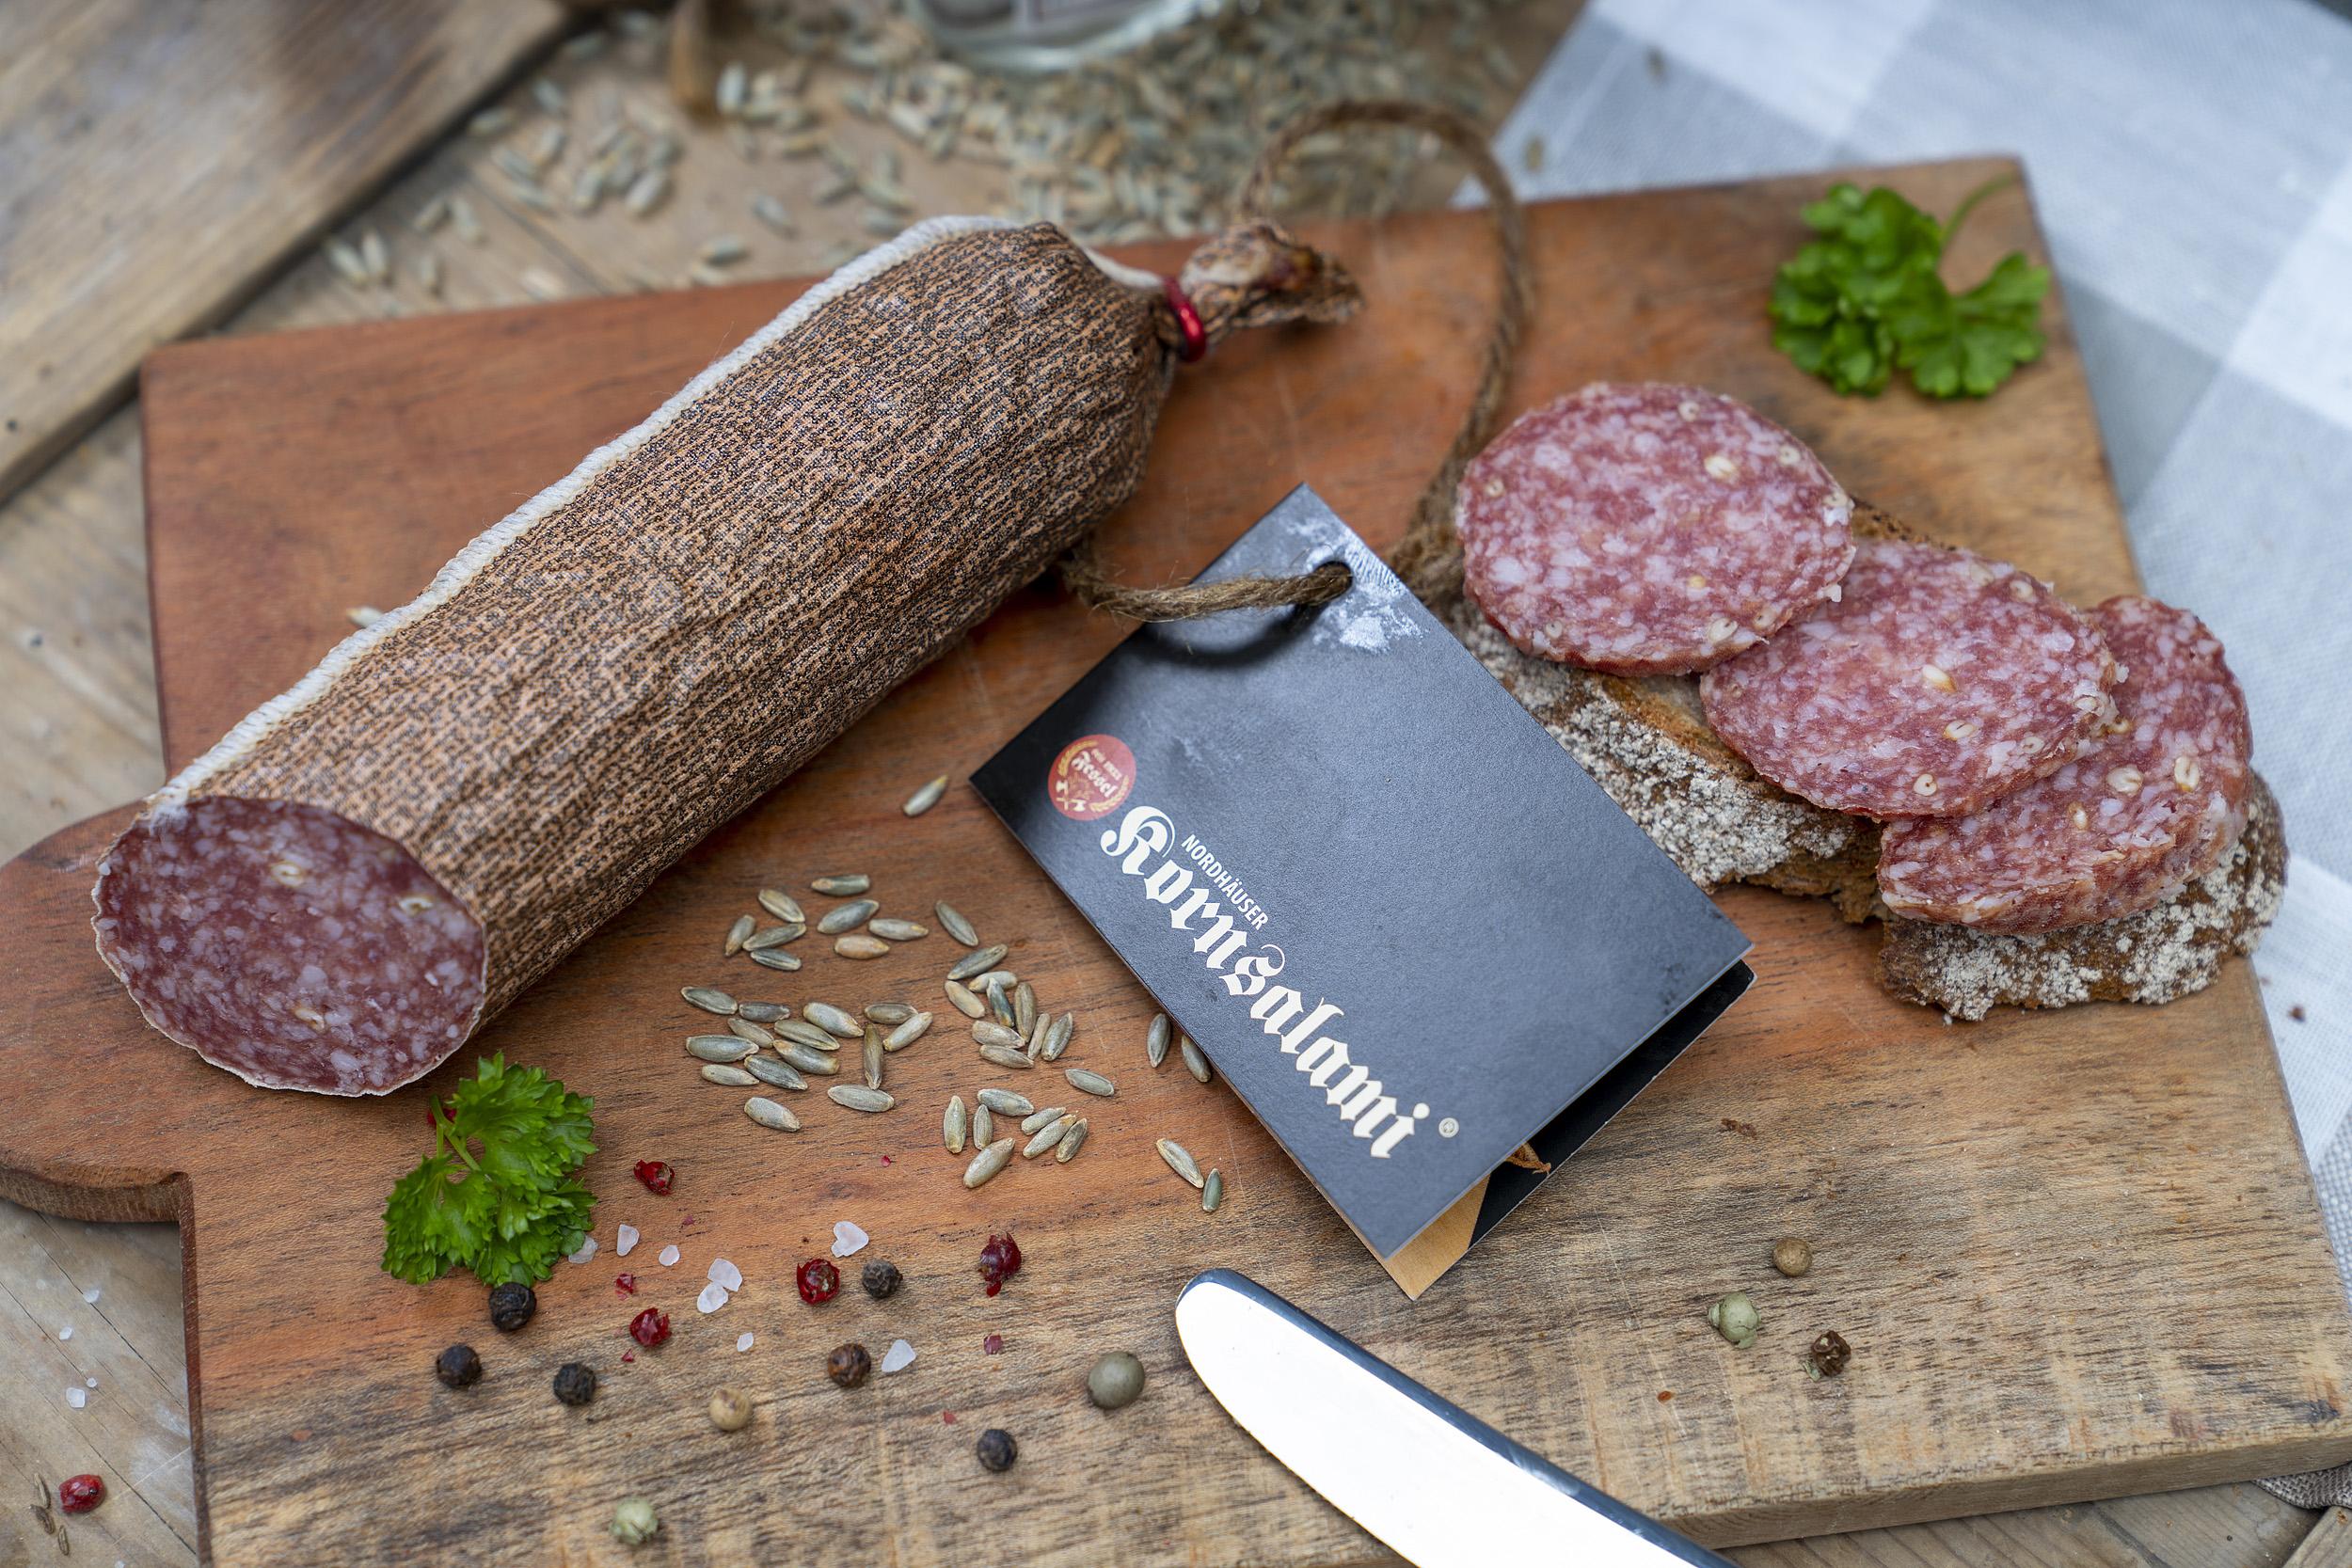 Kornsalami auf einem Holzbrett. Daneben eine Scheibe Brot mit der Salami und Gewürze.